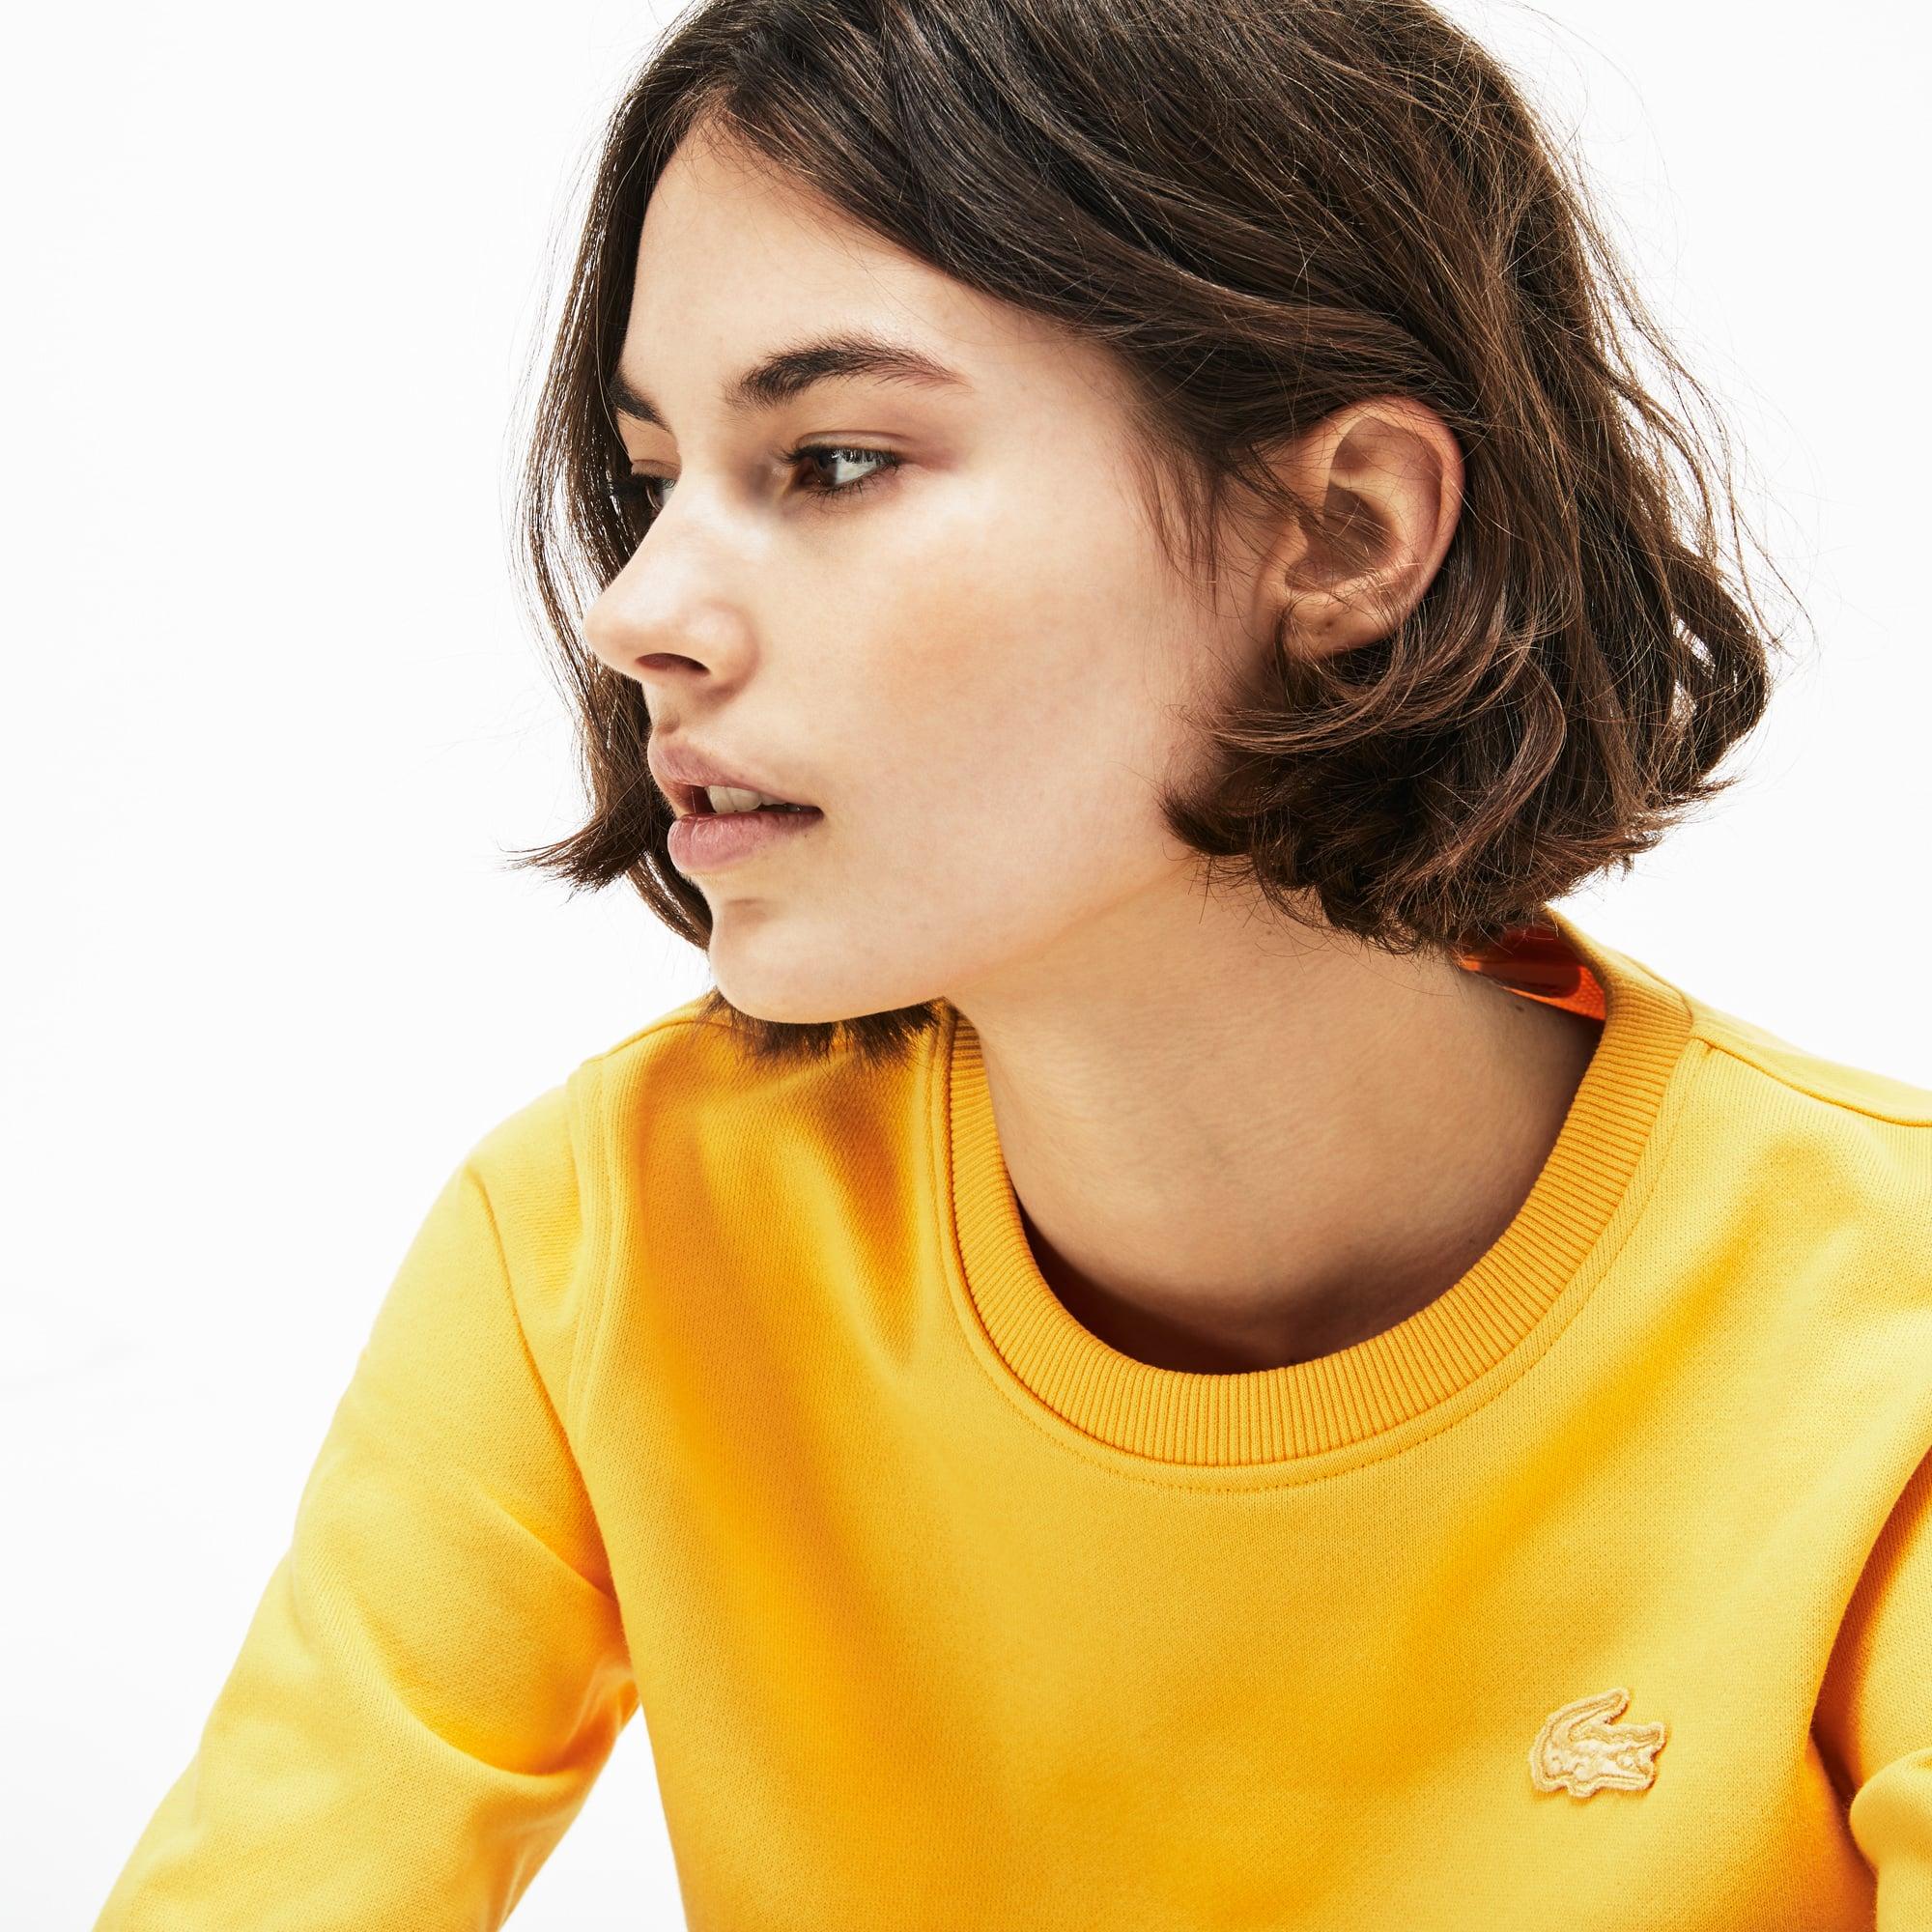 Lacoste - Damen-Sweatshirt mit Schlüssellochausschnitt LACOSTE L!VE - 2